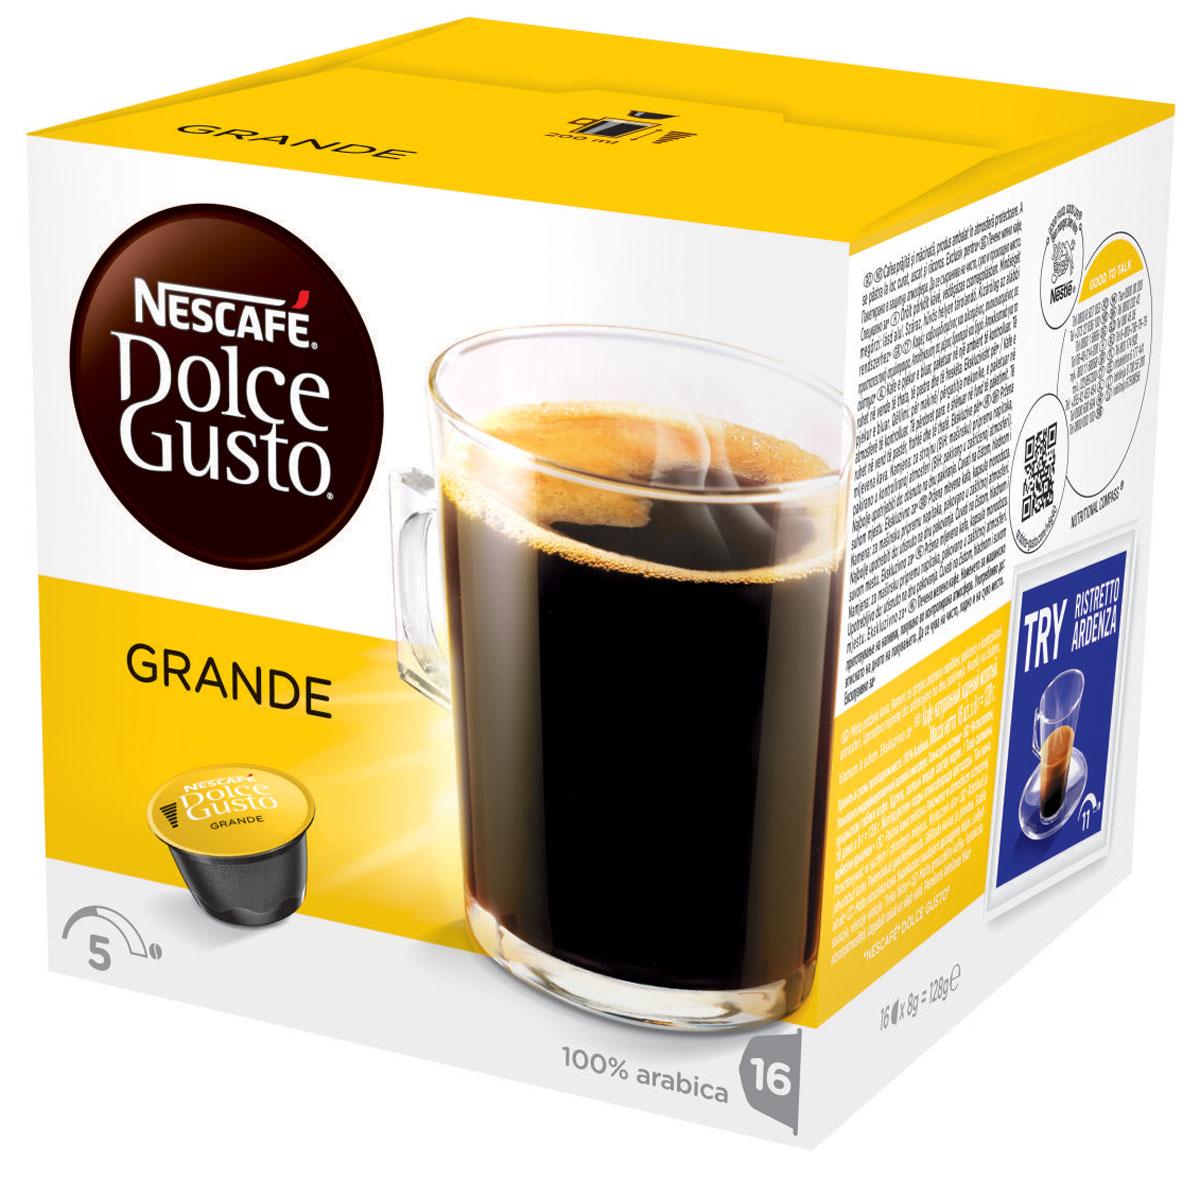 Nescafe Dolce Gusto Grande кофе в капсулах, 16 шт0120710Слегка более насыщенный Nescafe Dolce Gusto Grande – это следующий шаг от классического американо. Мягкий и, безусловно, доставляющий удовольствие, капсульный гранде изготовлен из 100% зерен Арабики средней прожарки и идеально подходит как для первой утренней чашки, так и для употребления в течение дня.